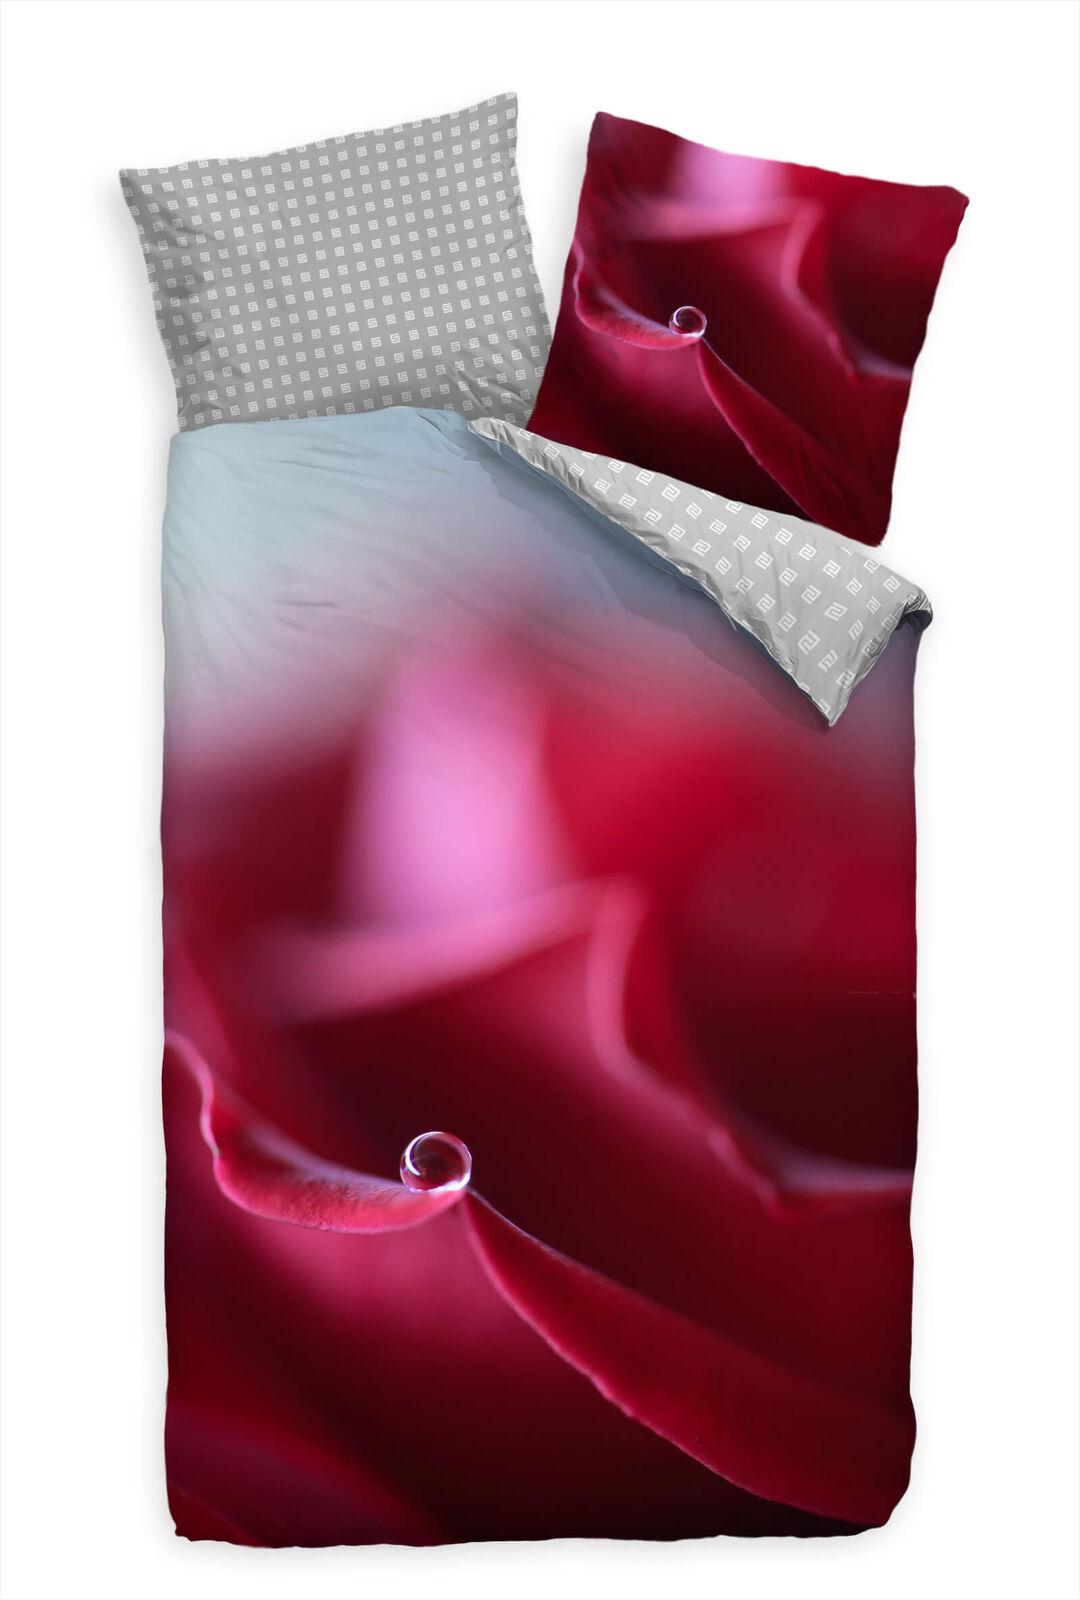 Blte Makro Abstrakt Rot Bettwäsche Set 135x200 cm + 80x80cm  Atmungsaktiv